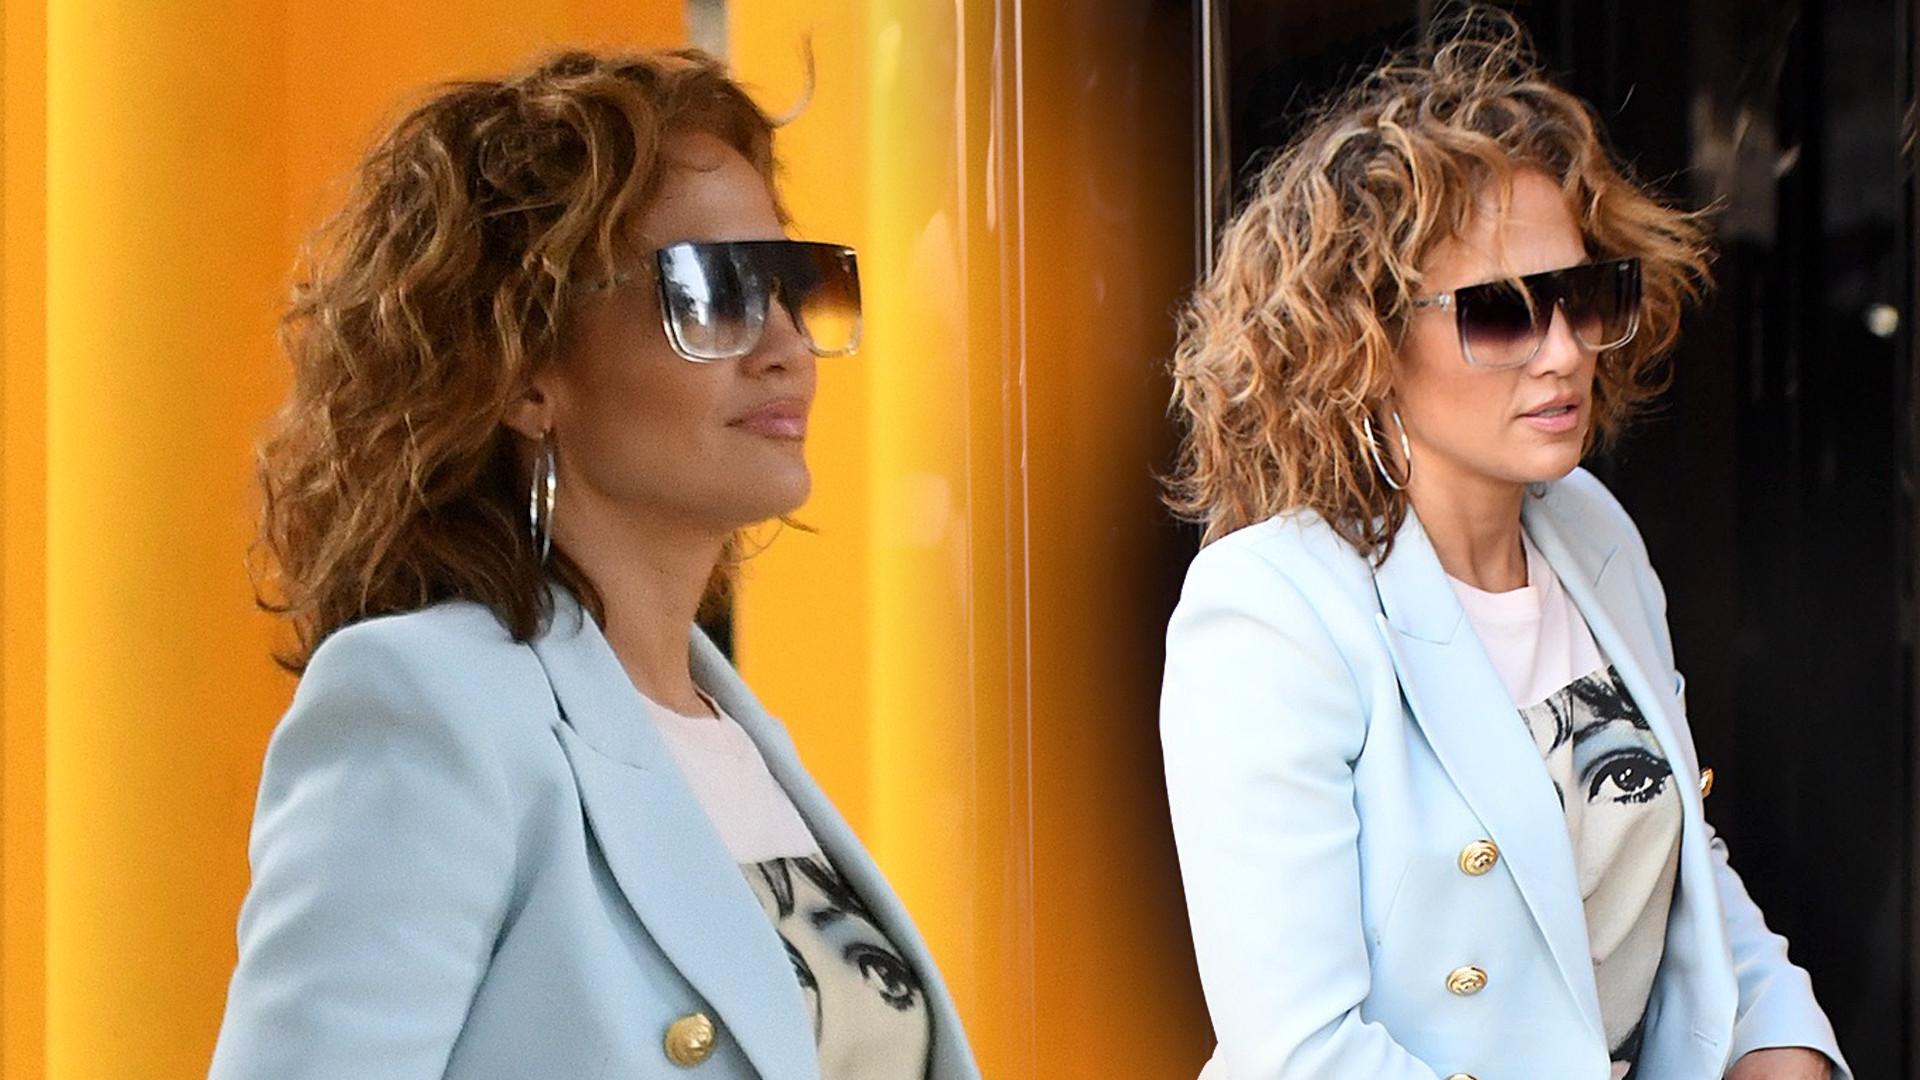 Jeansy Jennifer Lopez pokazały, jak NAPRAWDĘ wyglądają jej nogi (ZDJĘCIA)